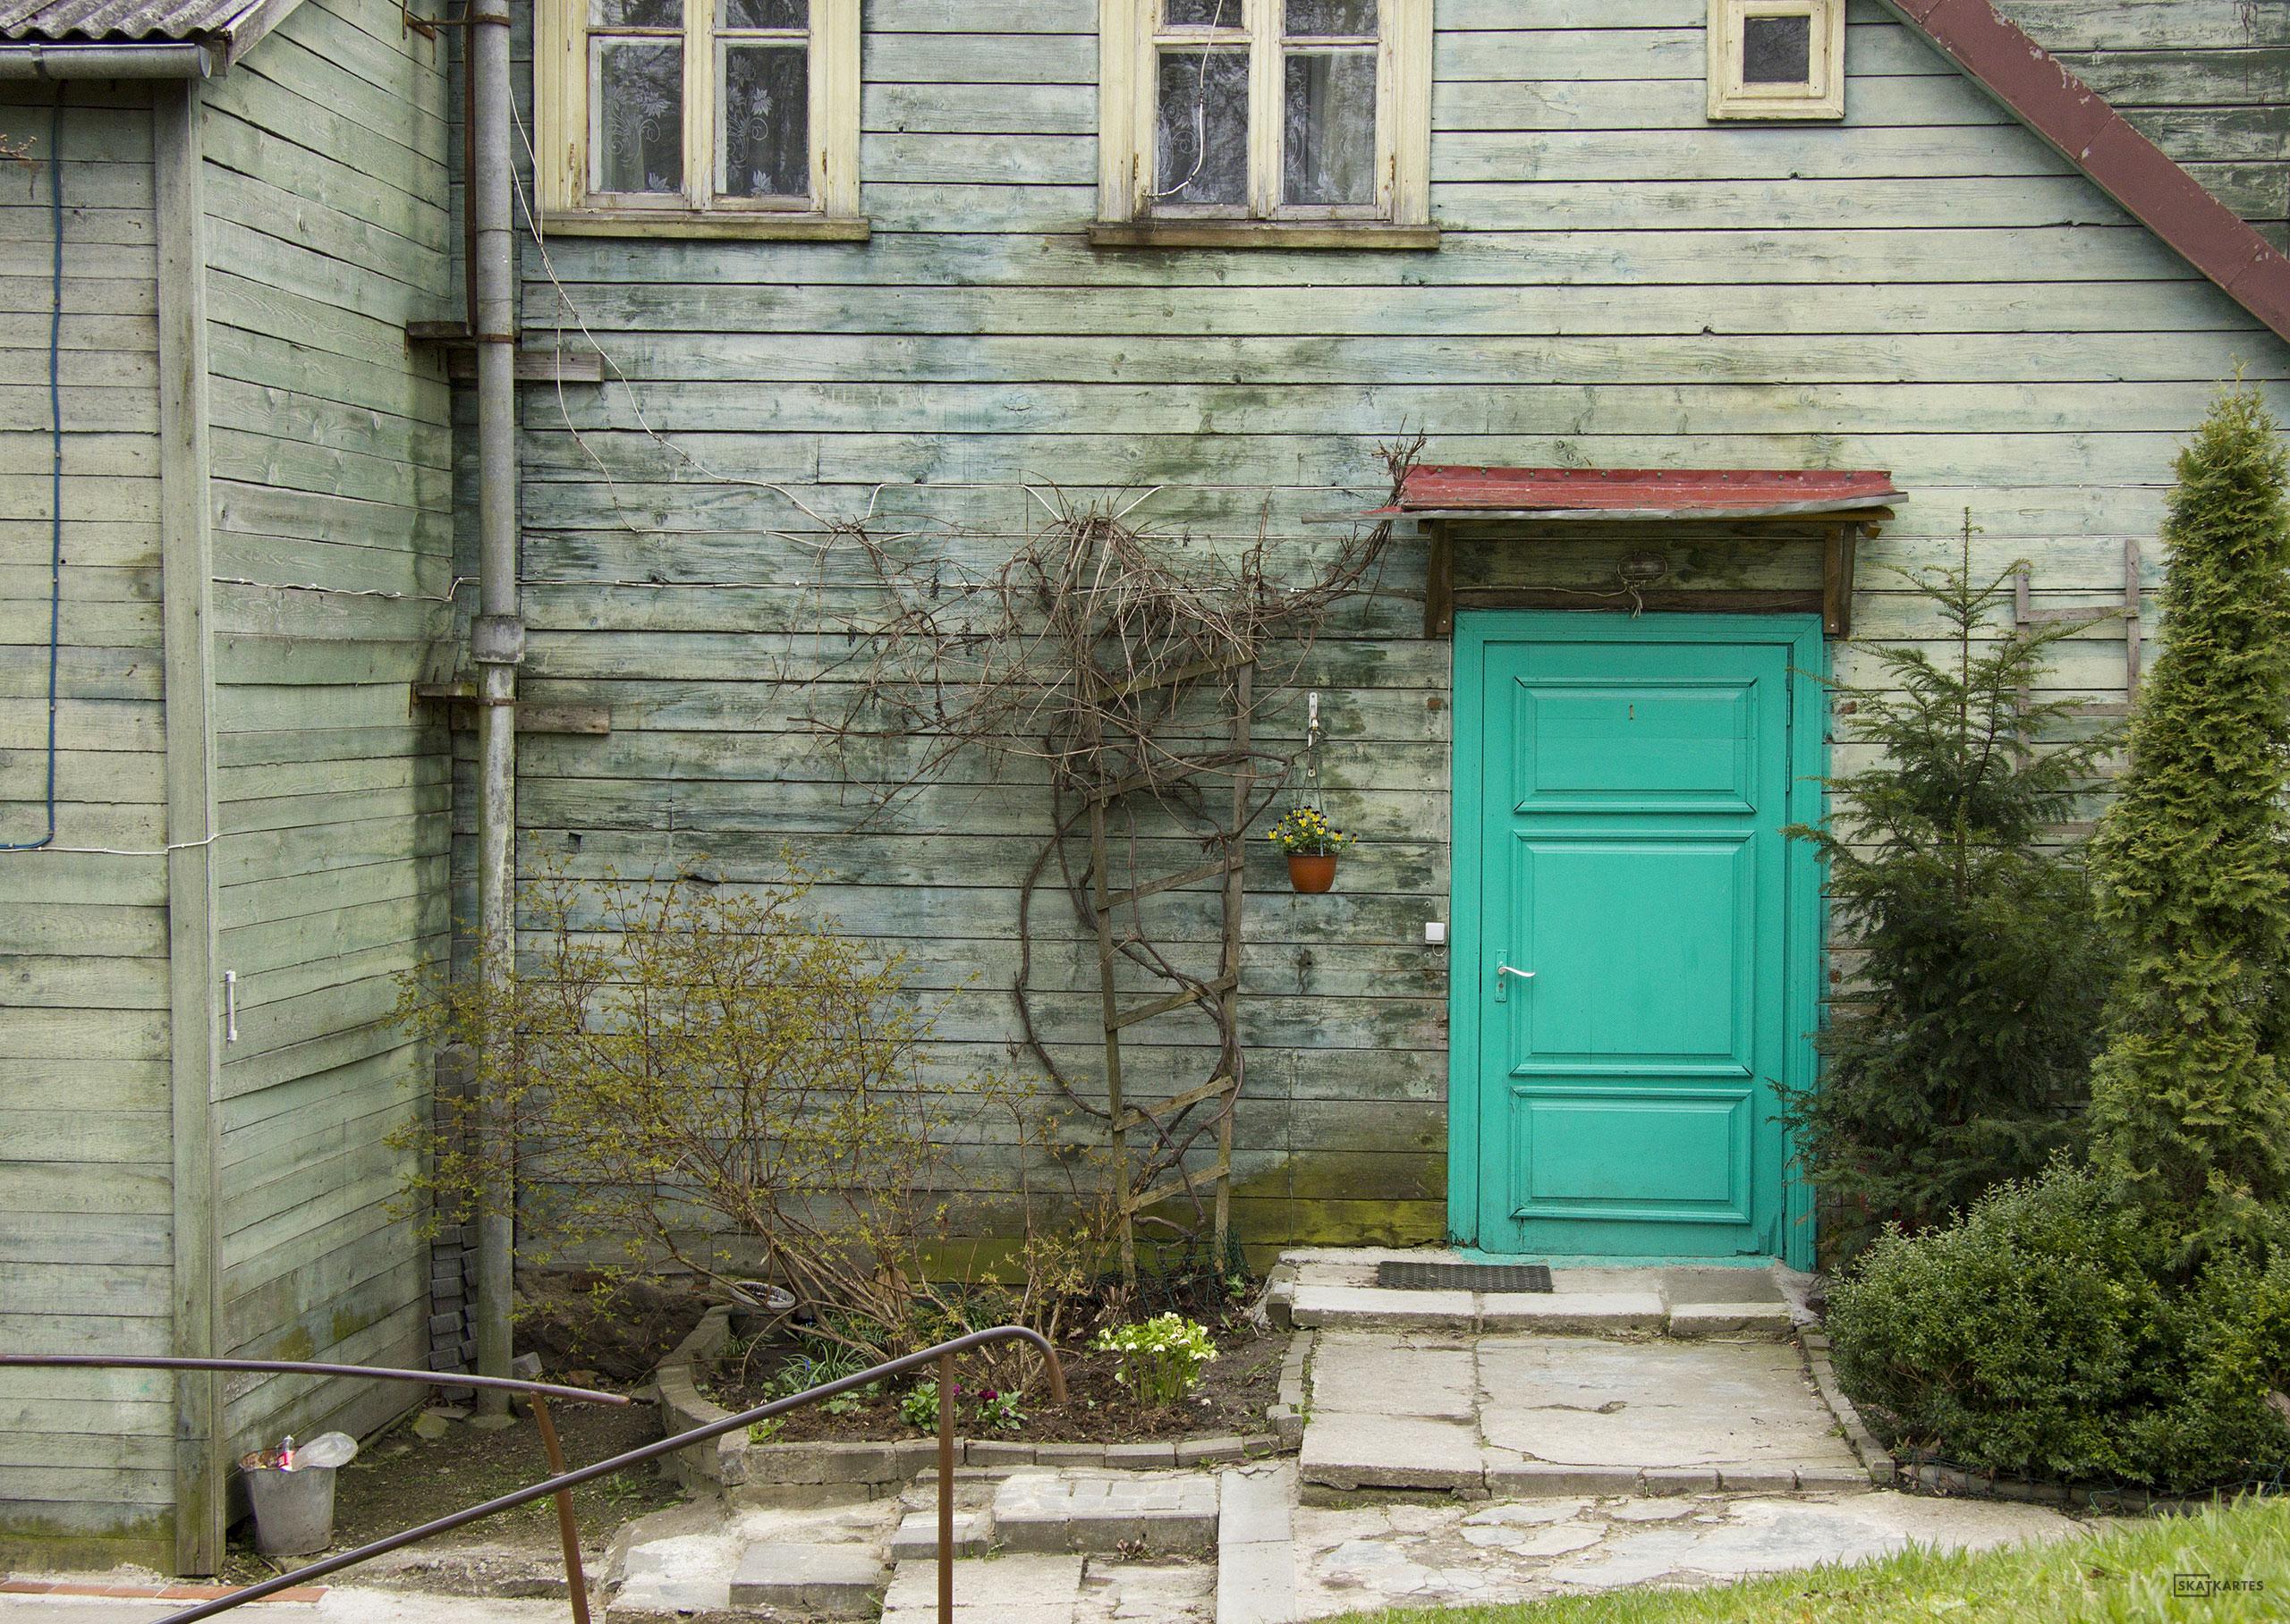 Skatkarte Nr. 1108 - Lielā iela 12, romantiskā zaļās durvis (2015. gada pavasaris).